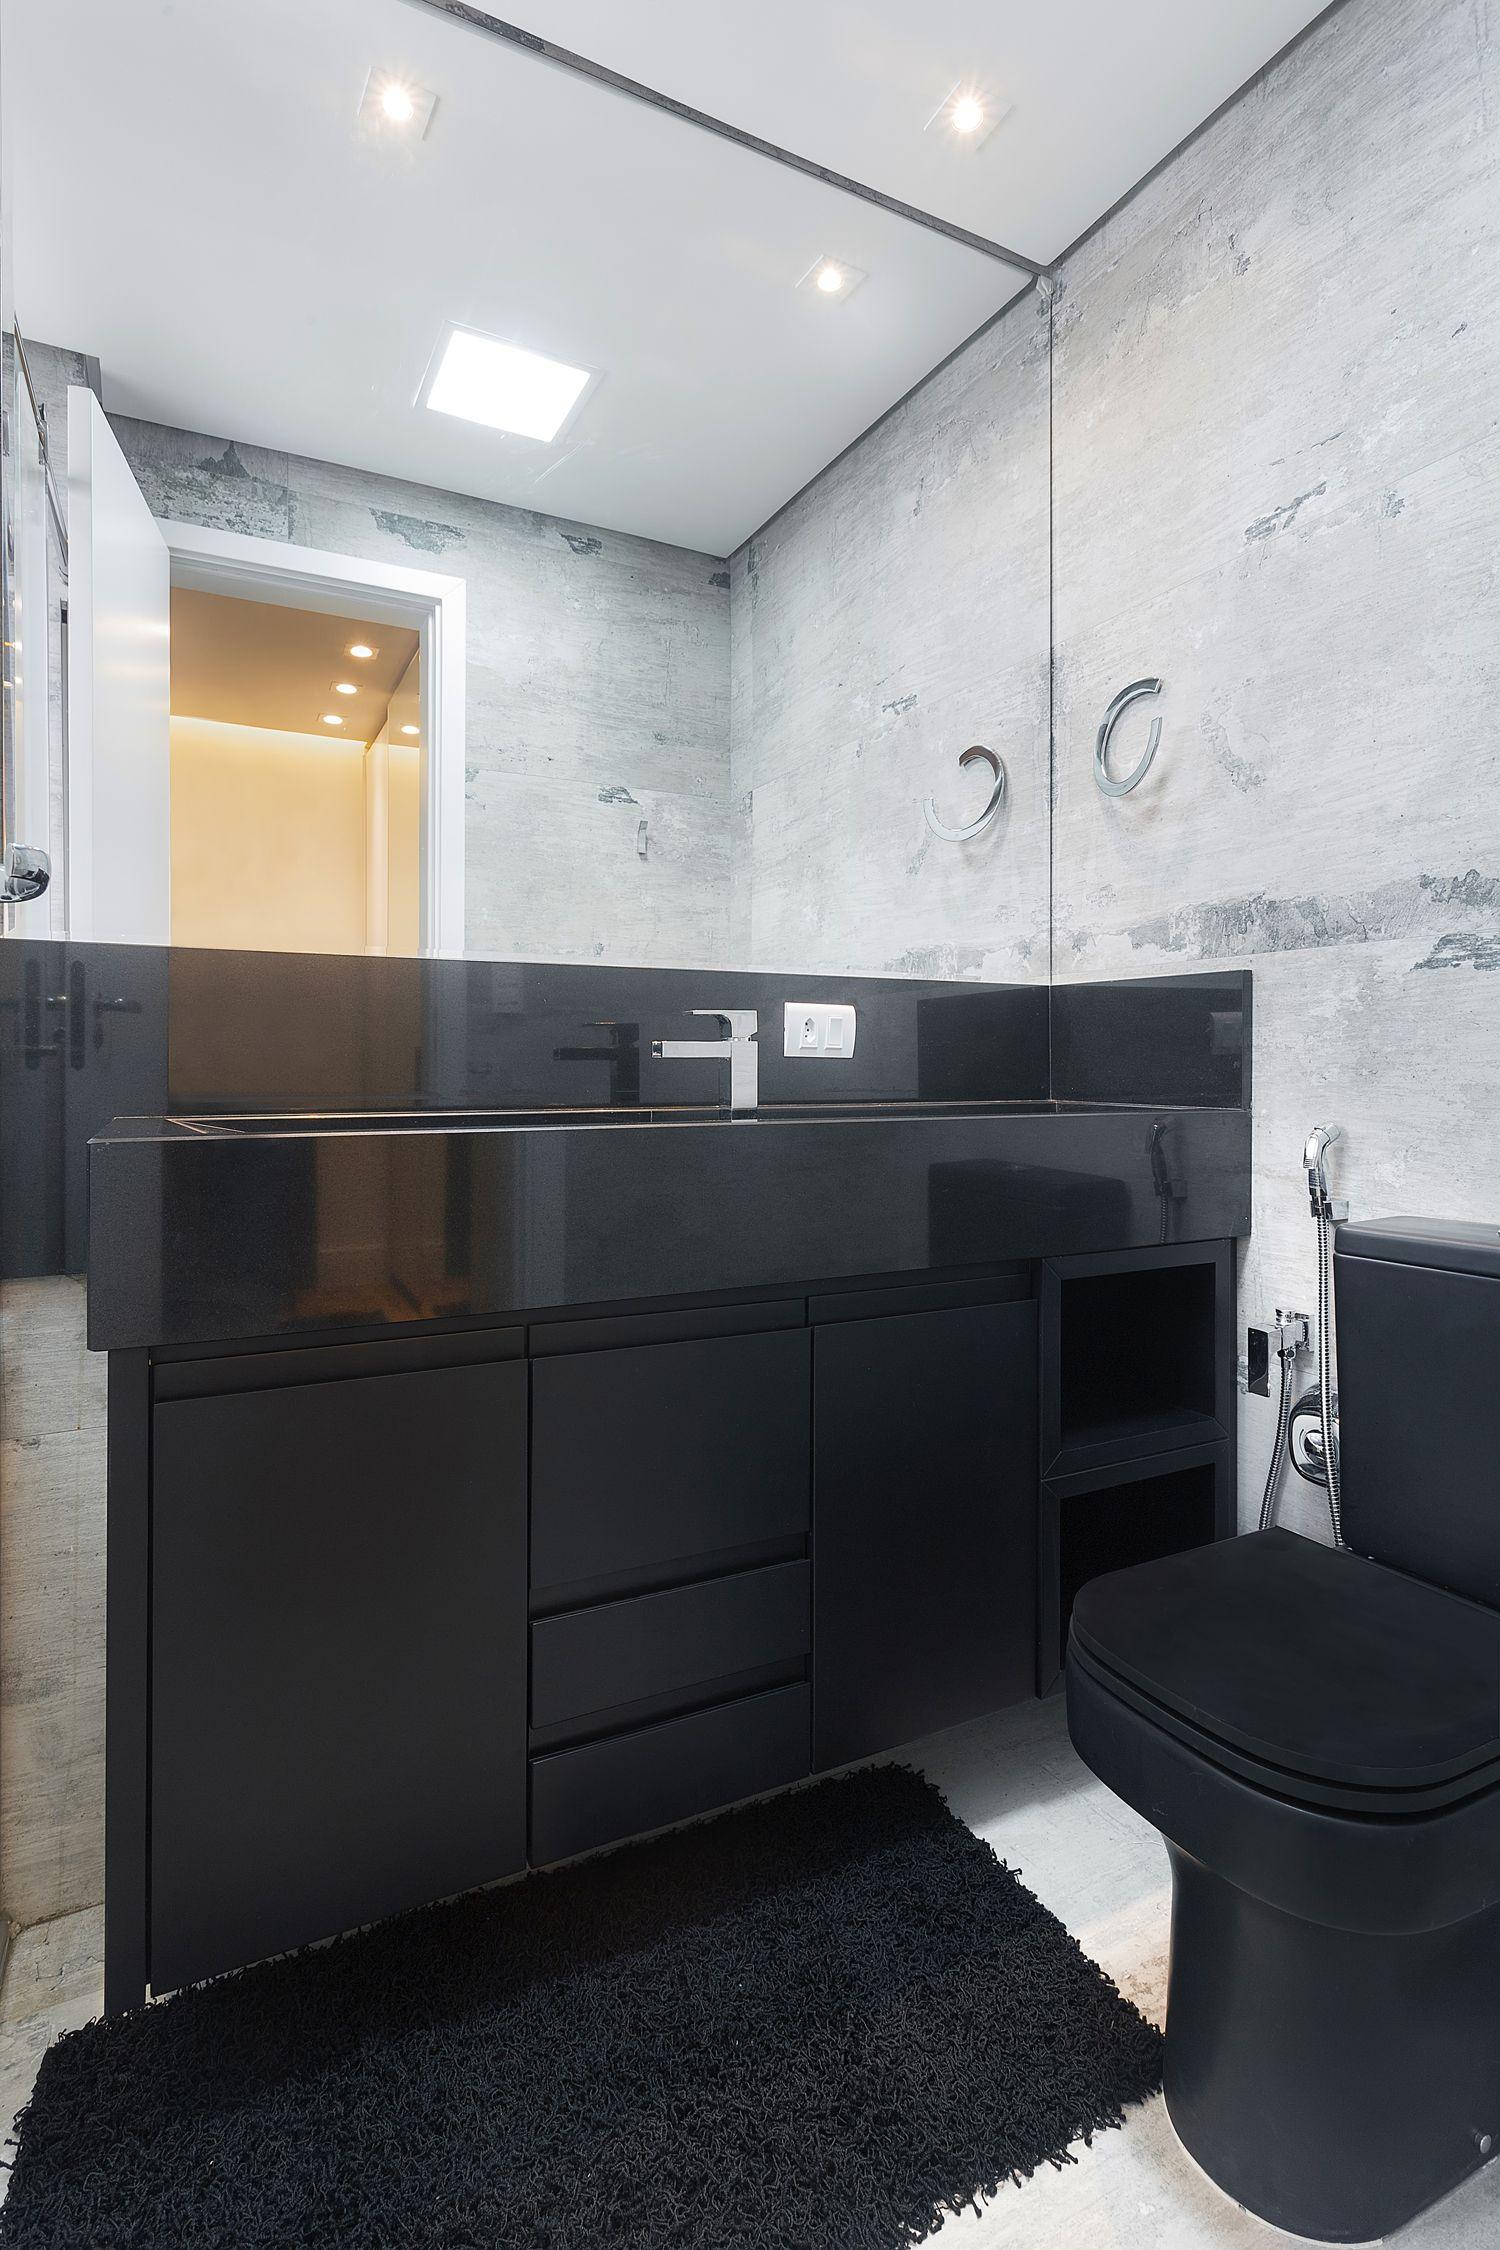 Banheiro  Produto Cerâmica Portinari  Olden HD Projeto Arquiteta Daniela  -> Banheiros Decorados Ceramica Portinari